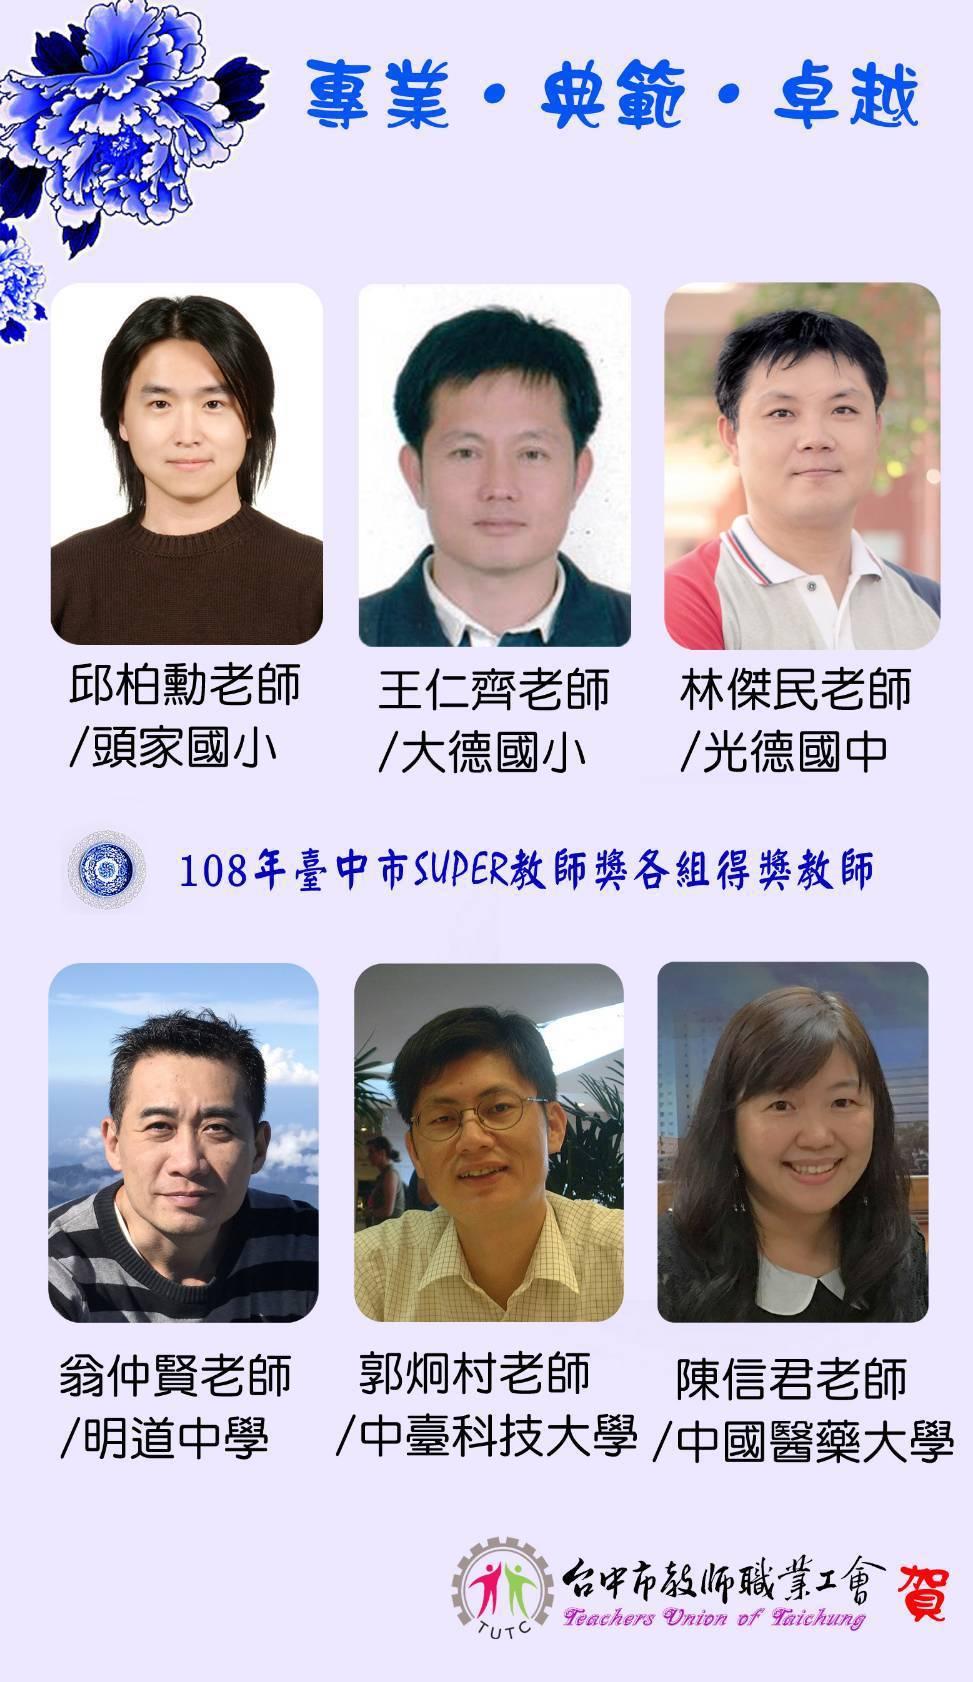 2019台中市SUPER教師選拔出爐,今年一共選出6名SUPER教師,要代表台中...